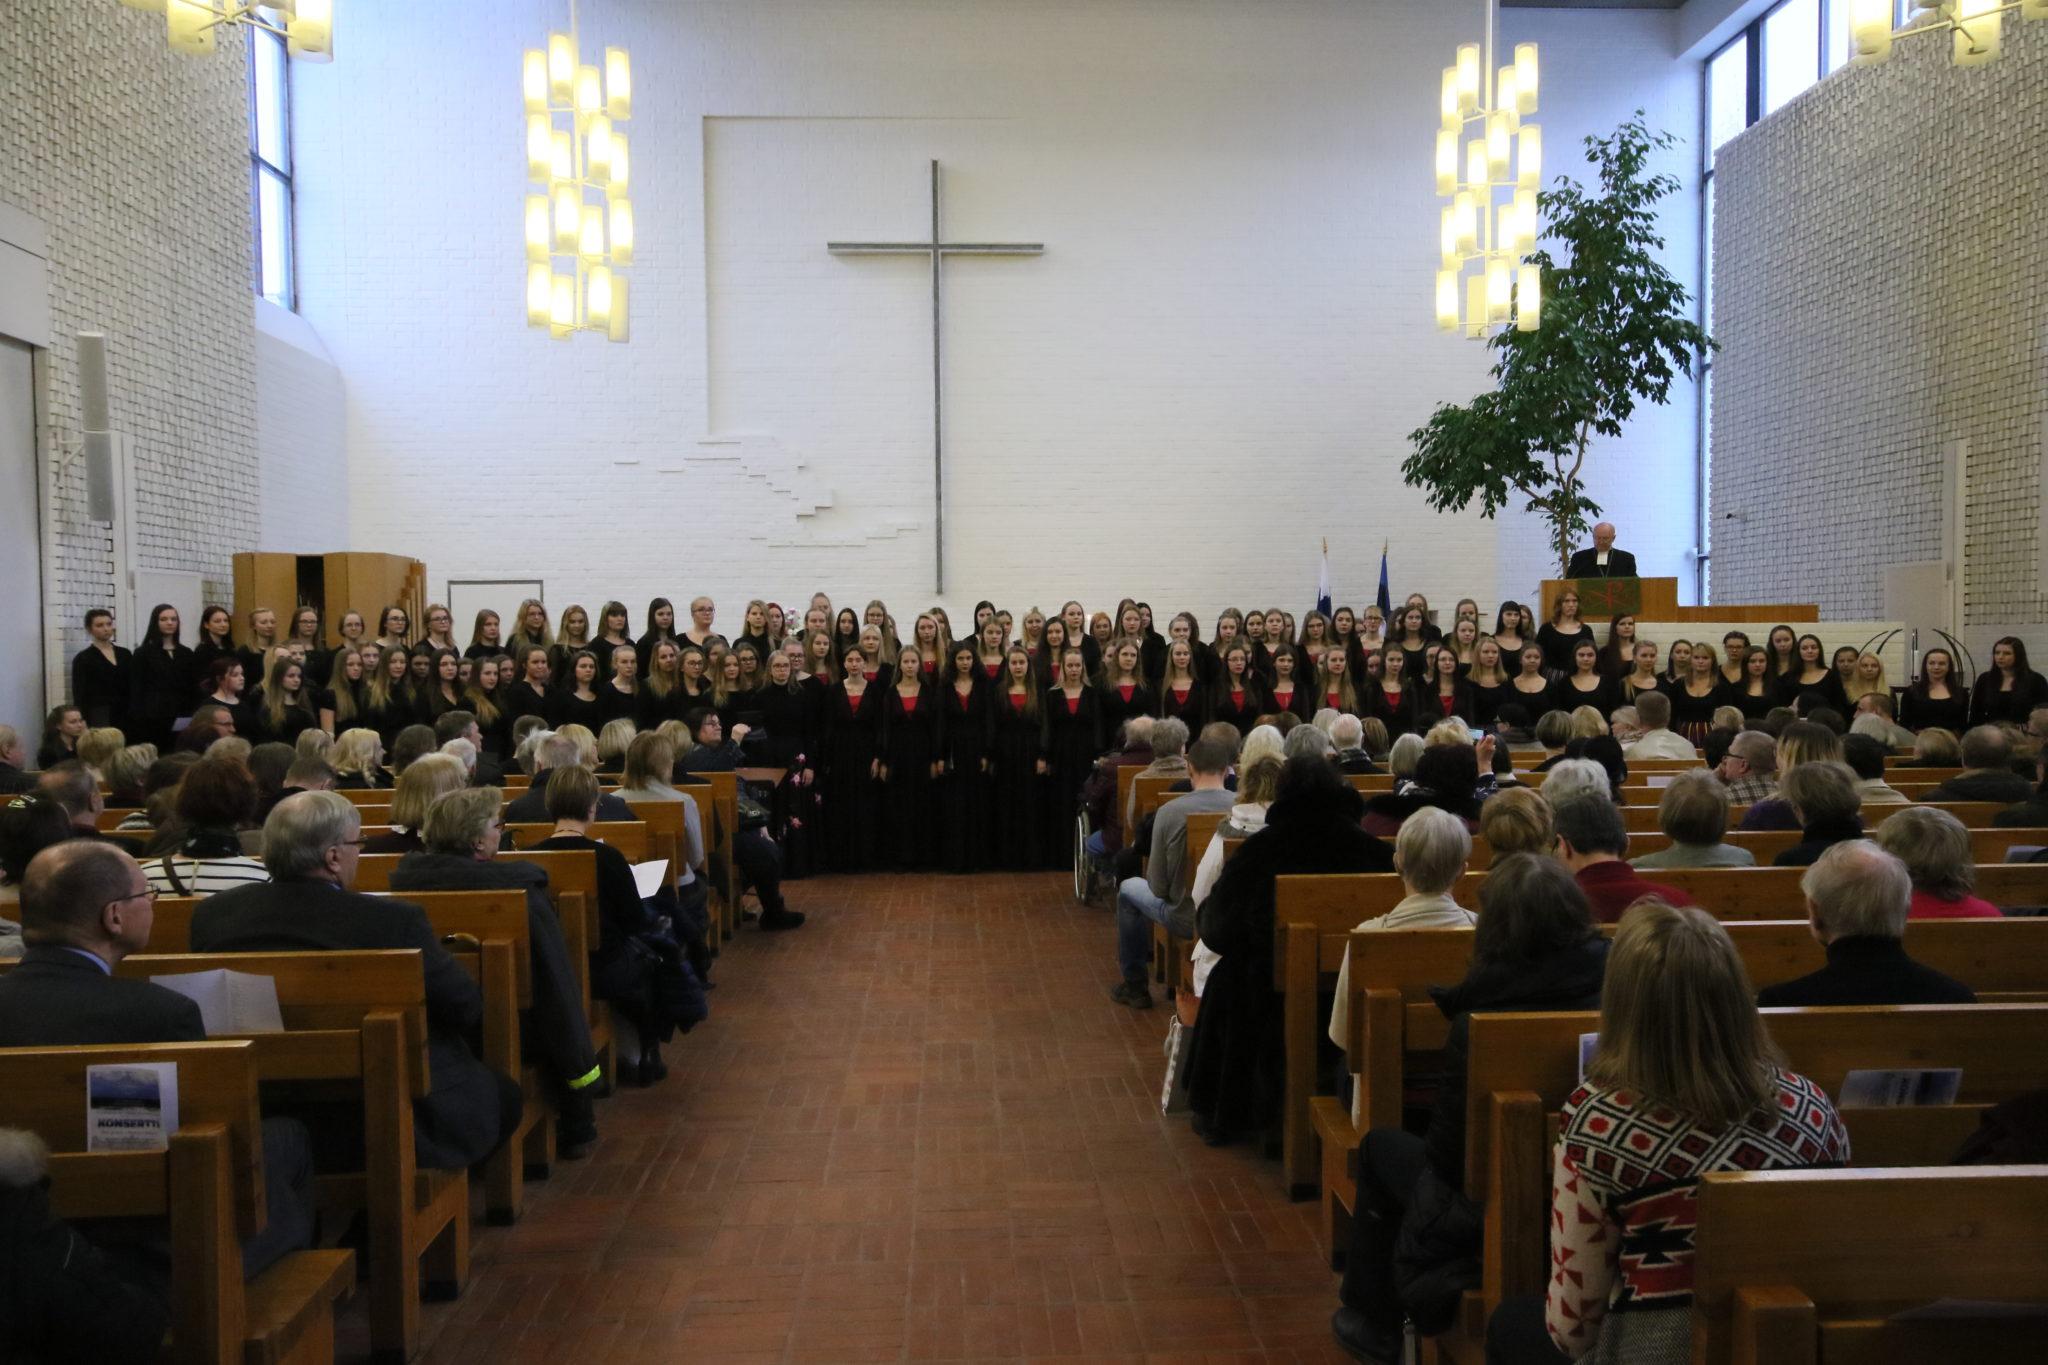 Lugeja video: Eesti kontsert Helsingis